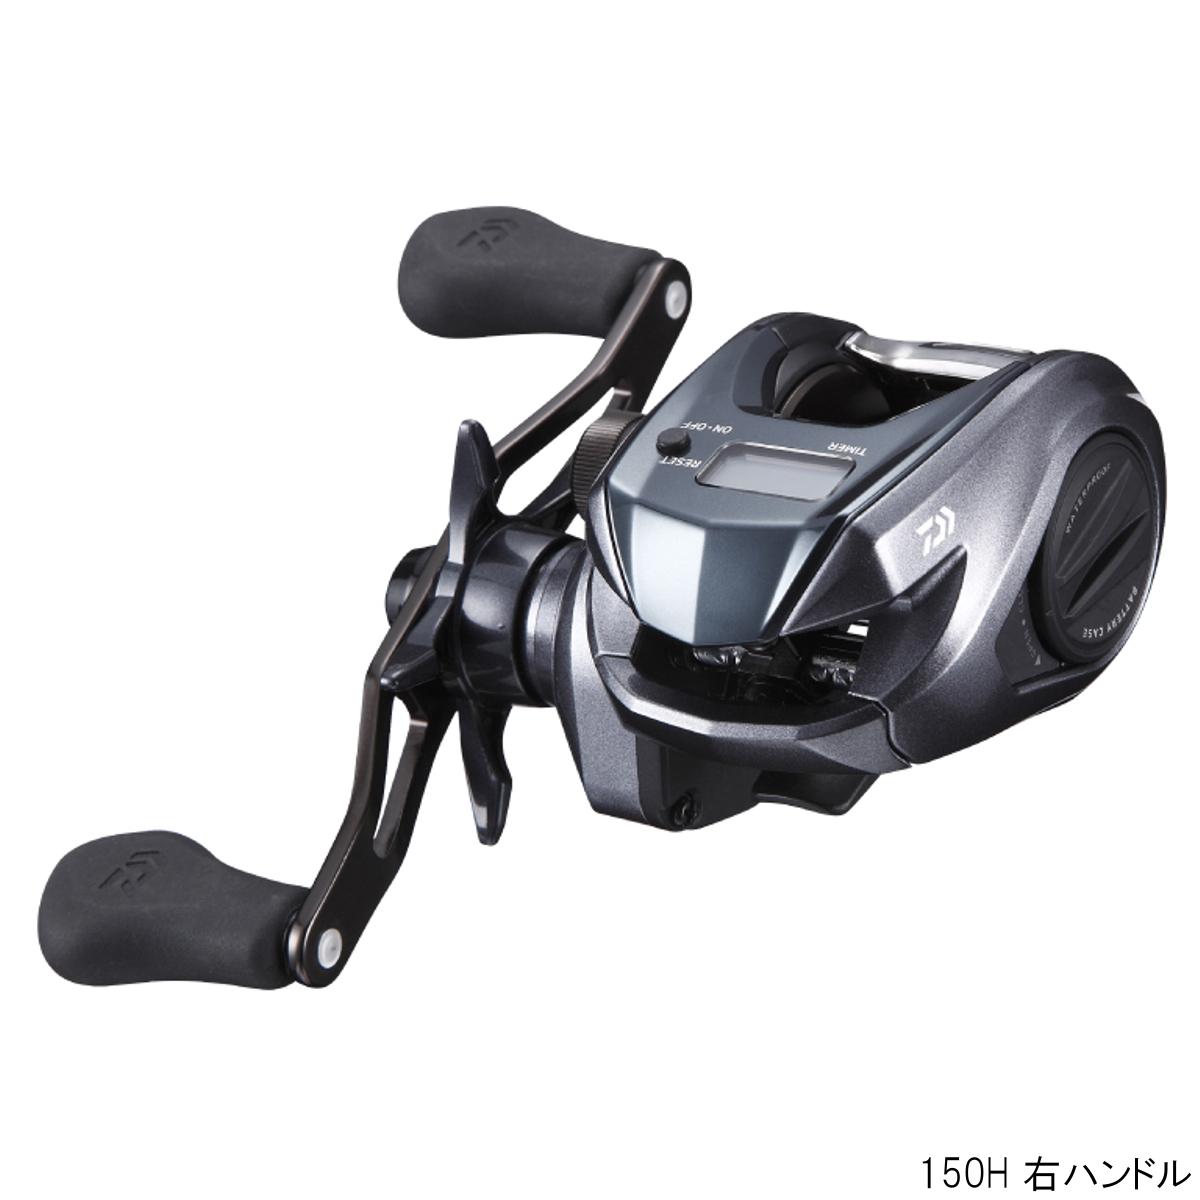 ダイワ スパルタン IC 150H 右ハンドル(東日本店)